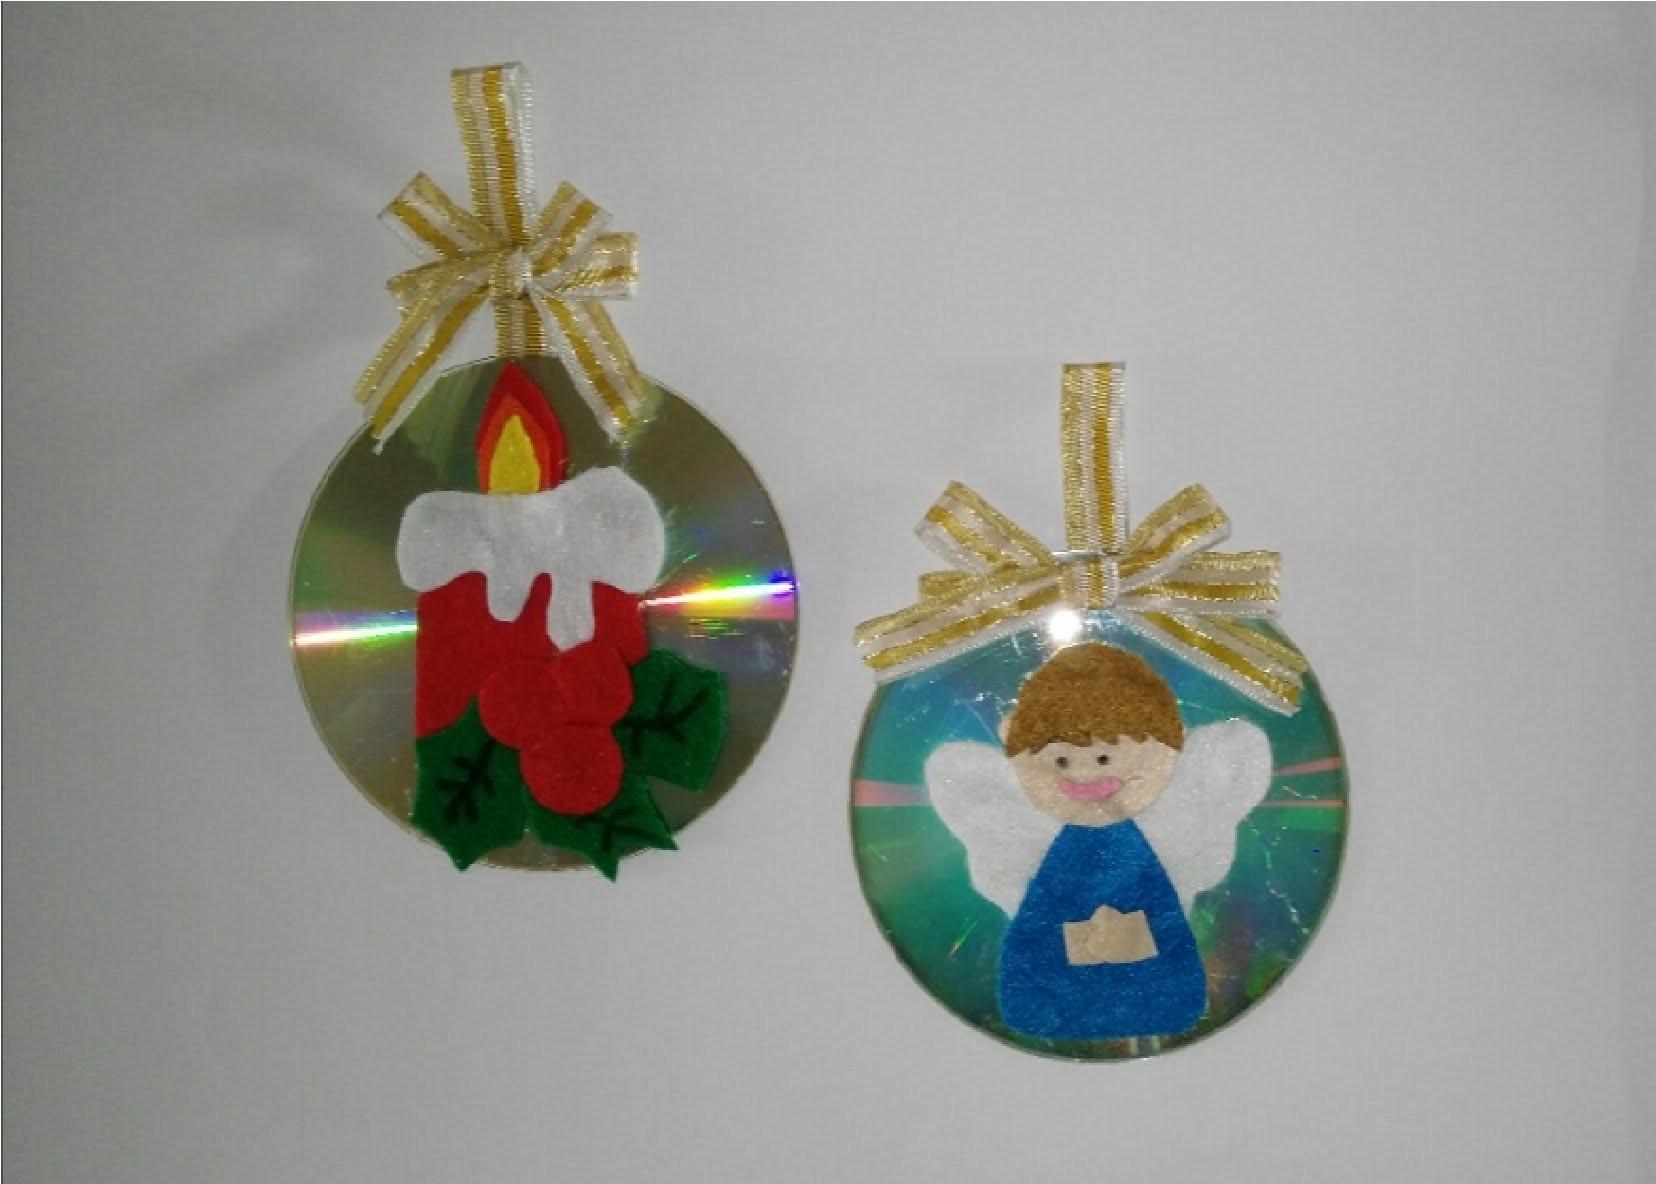 Como hacer adornos navide os con cd para el arbol de - Adornos para arbol navidad ...